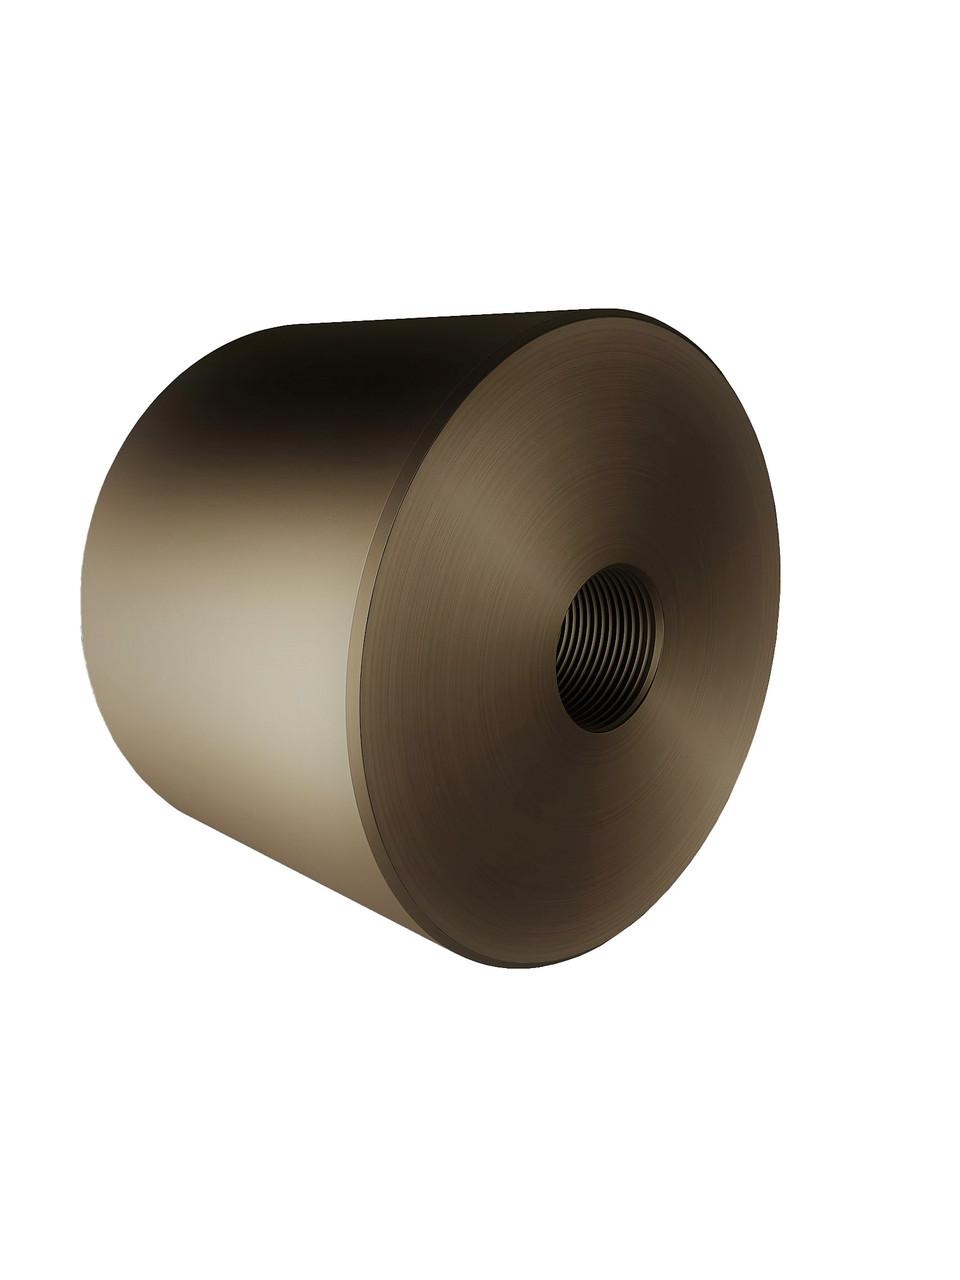 ODF-06-26-30-L30 Дистанция 30 мм для коннектора диаметром 40 мм и с резьбой М10, цвет матовая бронза